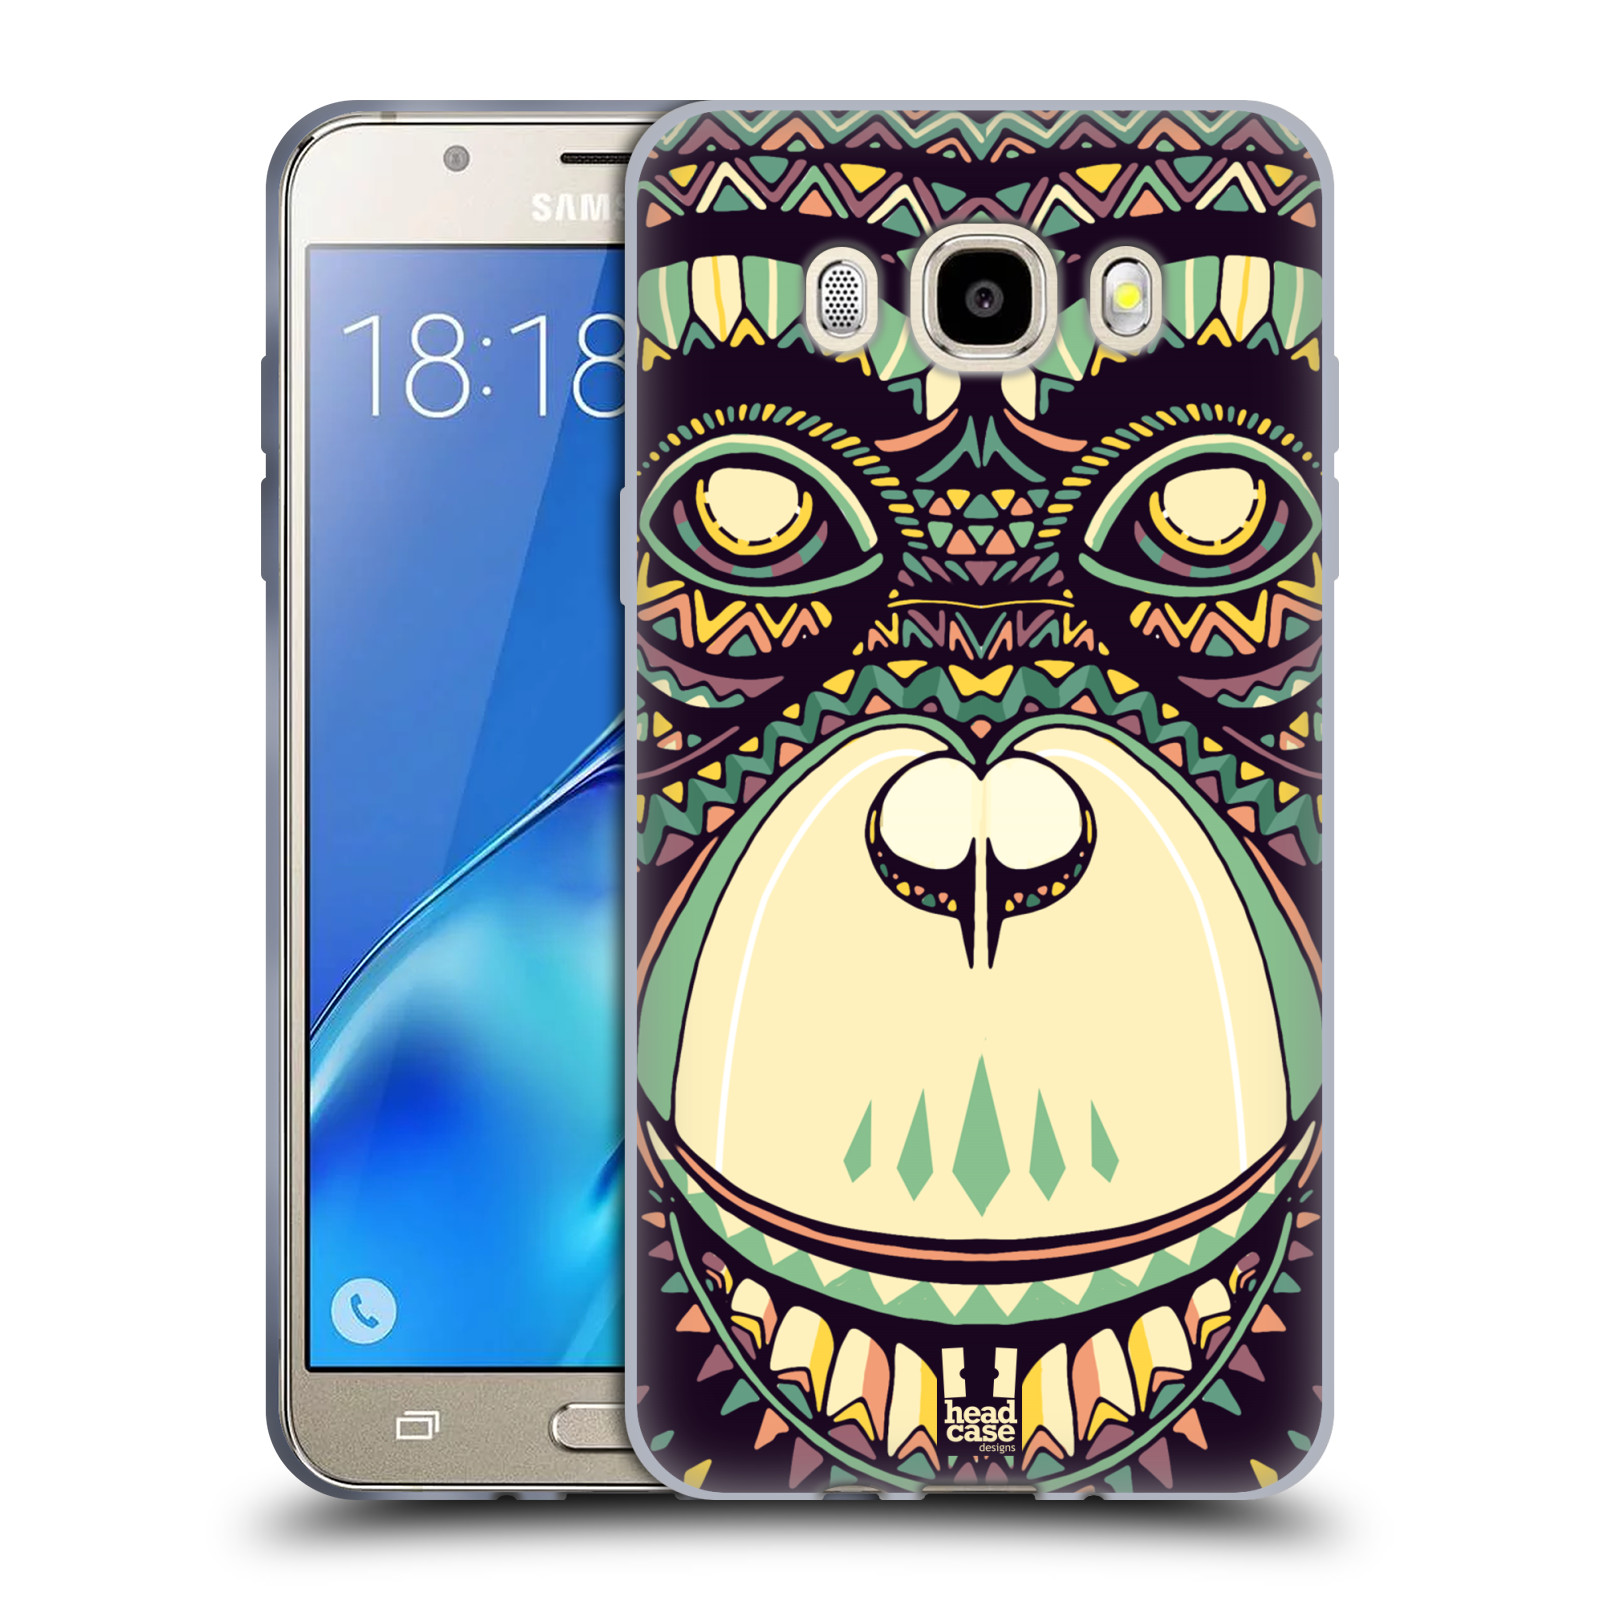 HEAD CASE silikonový obal, kryt na mobil Samsung Galaxy J5 2016, J510, J510F, (J510F DUAL SIM) vzor Aztécký motiv zvíře 3 šimpanz